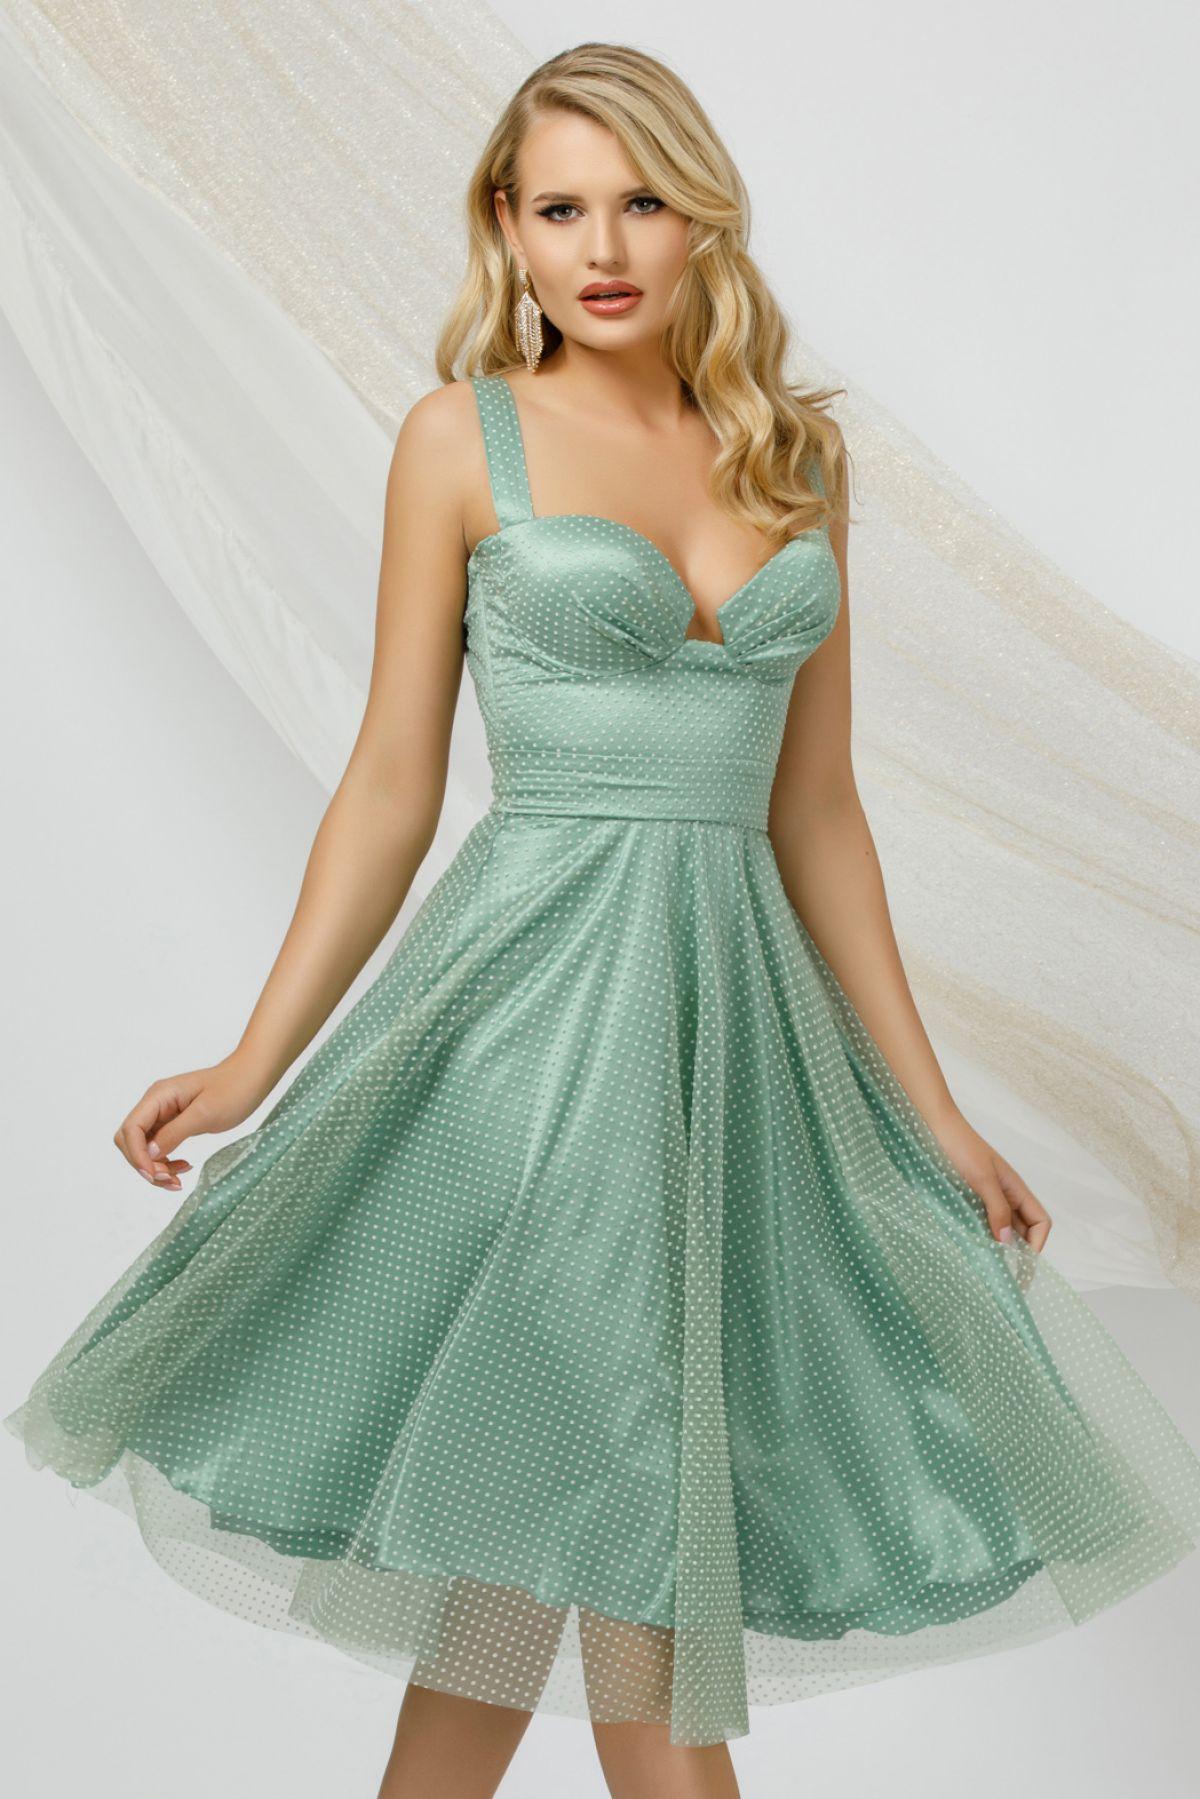 Rochie eleganta mint din tulle Pretty Girl cu buline si bust tip corset